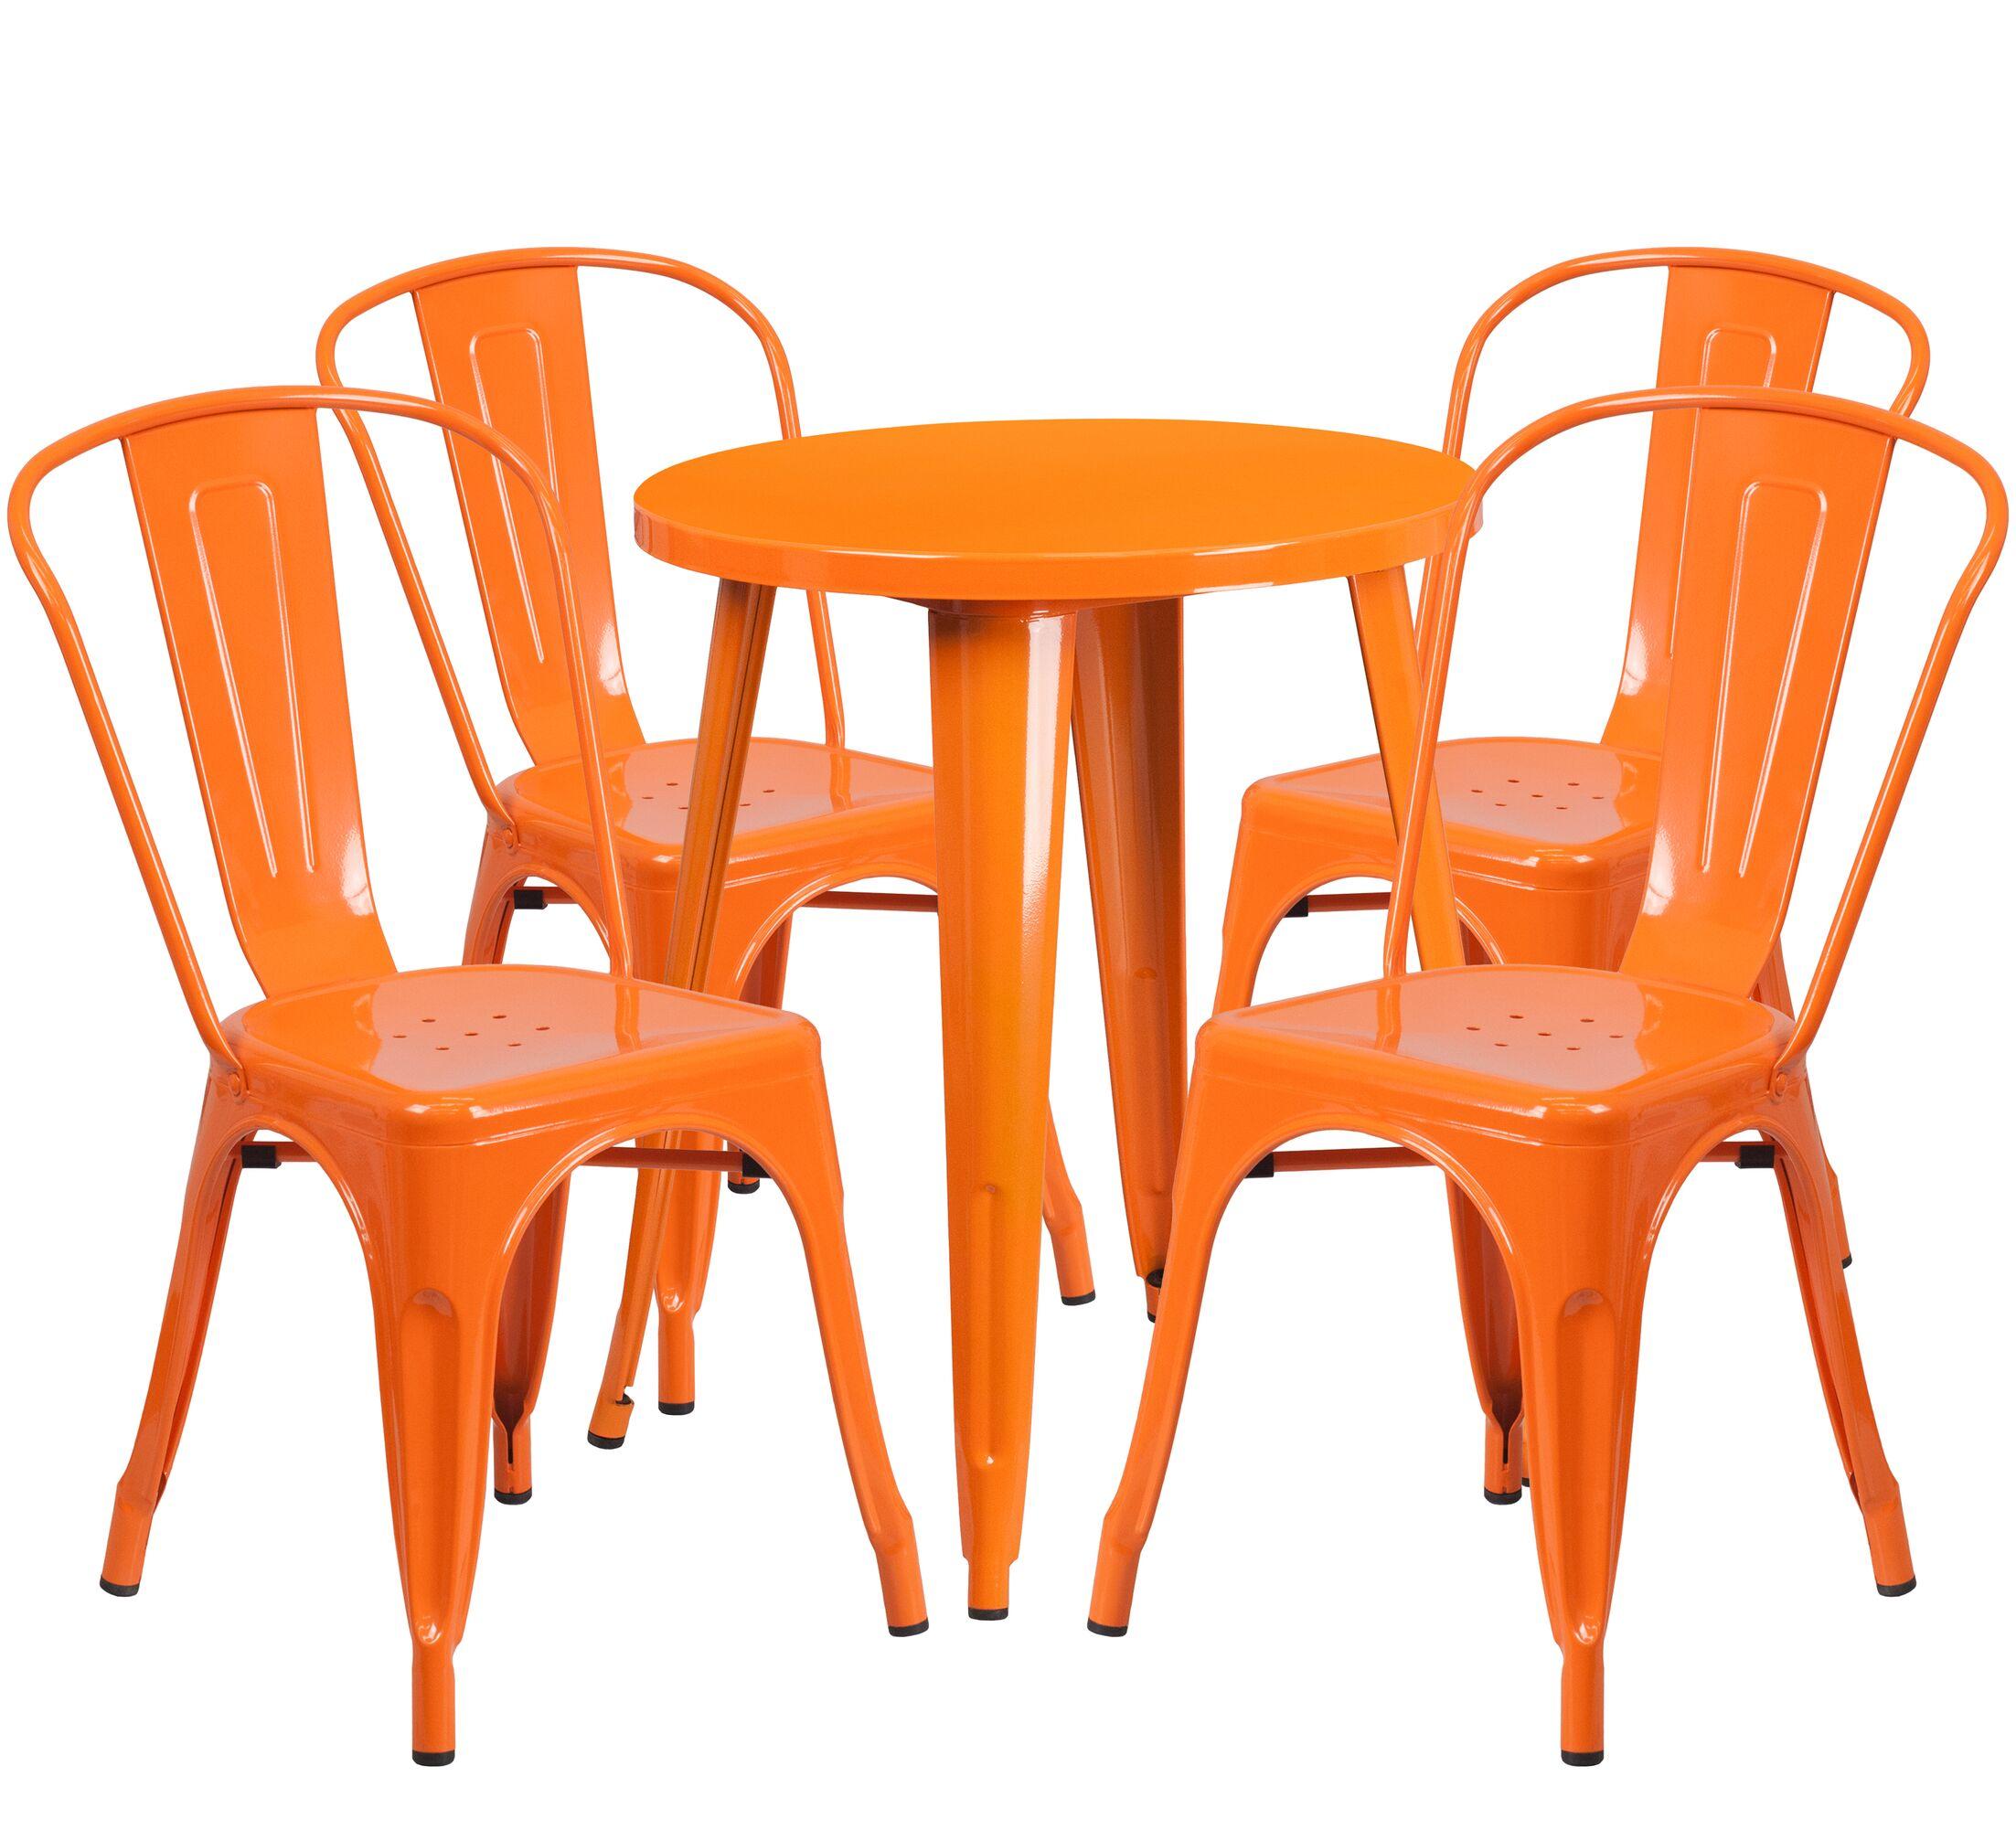 Aragon Metal Indoor/Outdoor 5 Piece Dining Set Finish: Orange